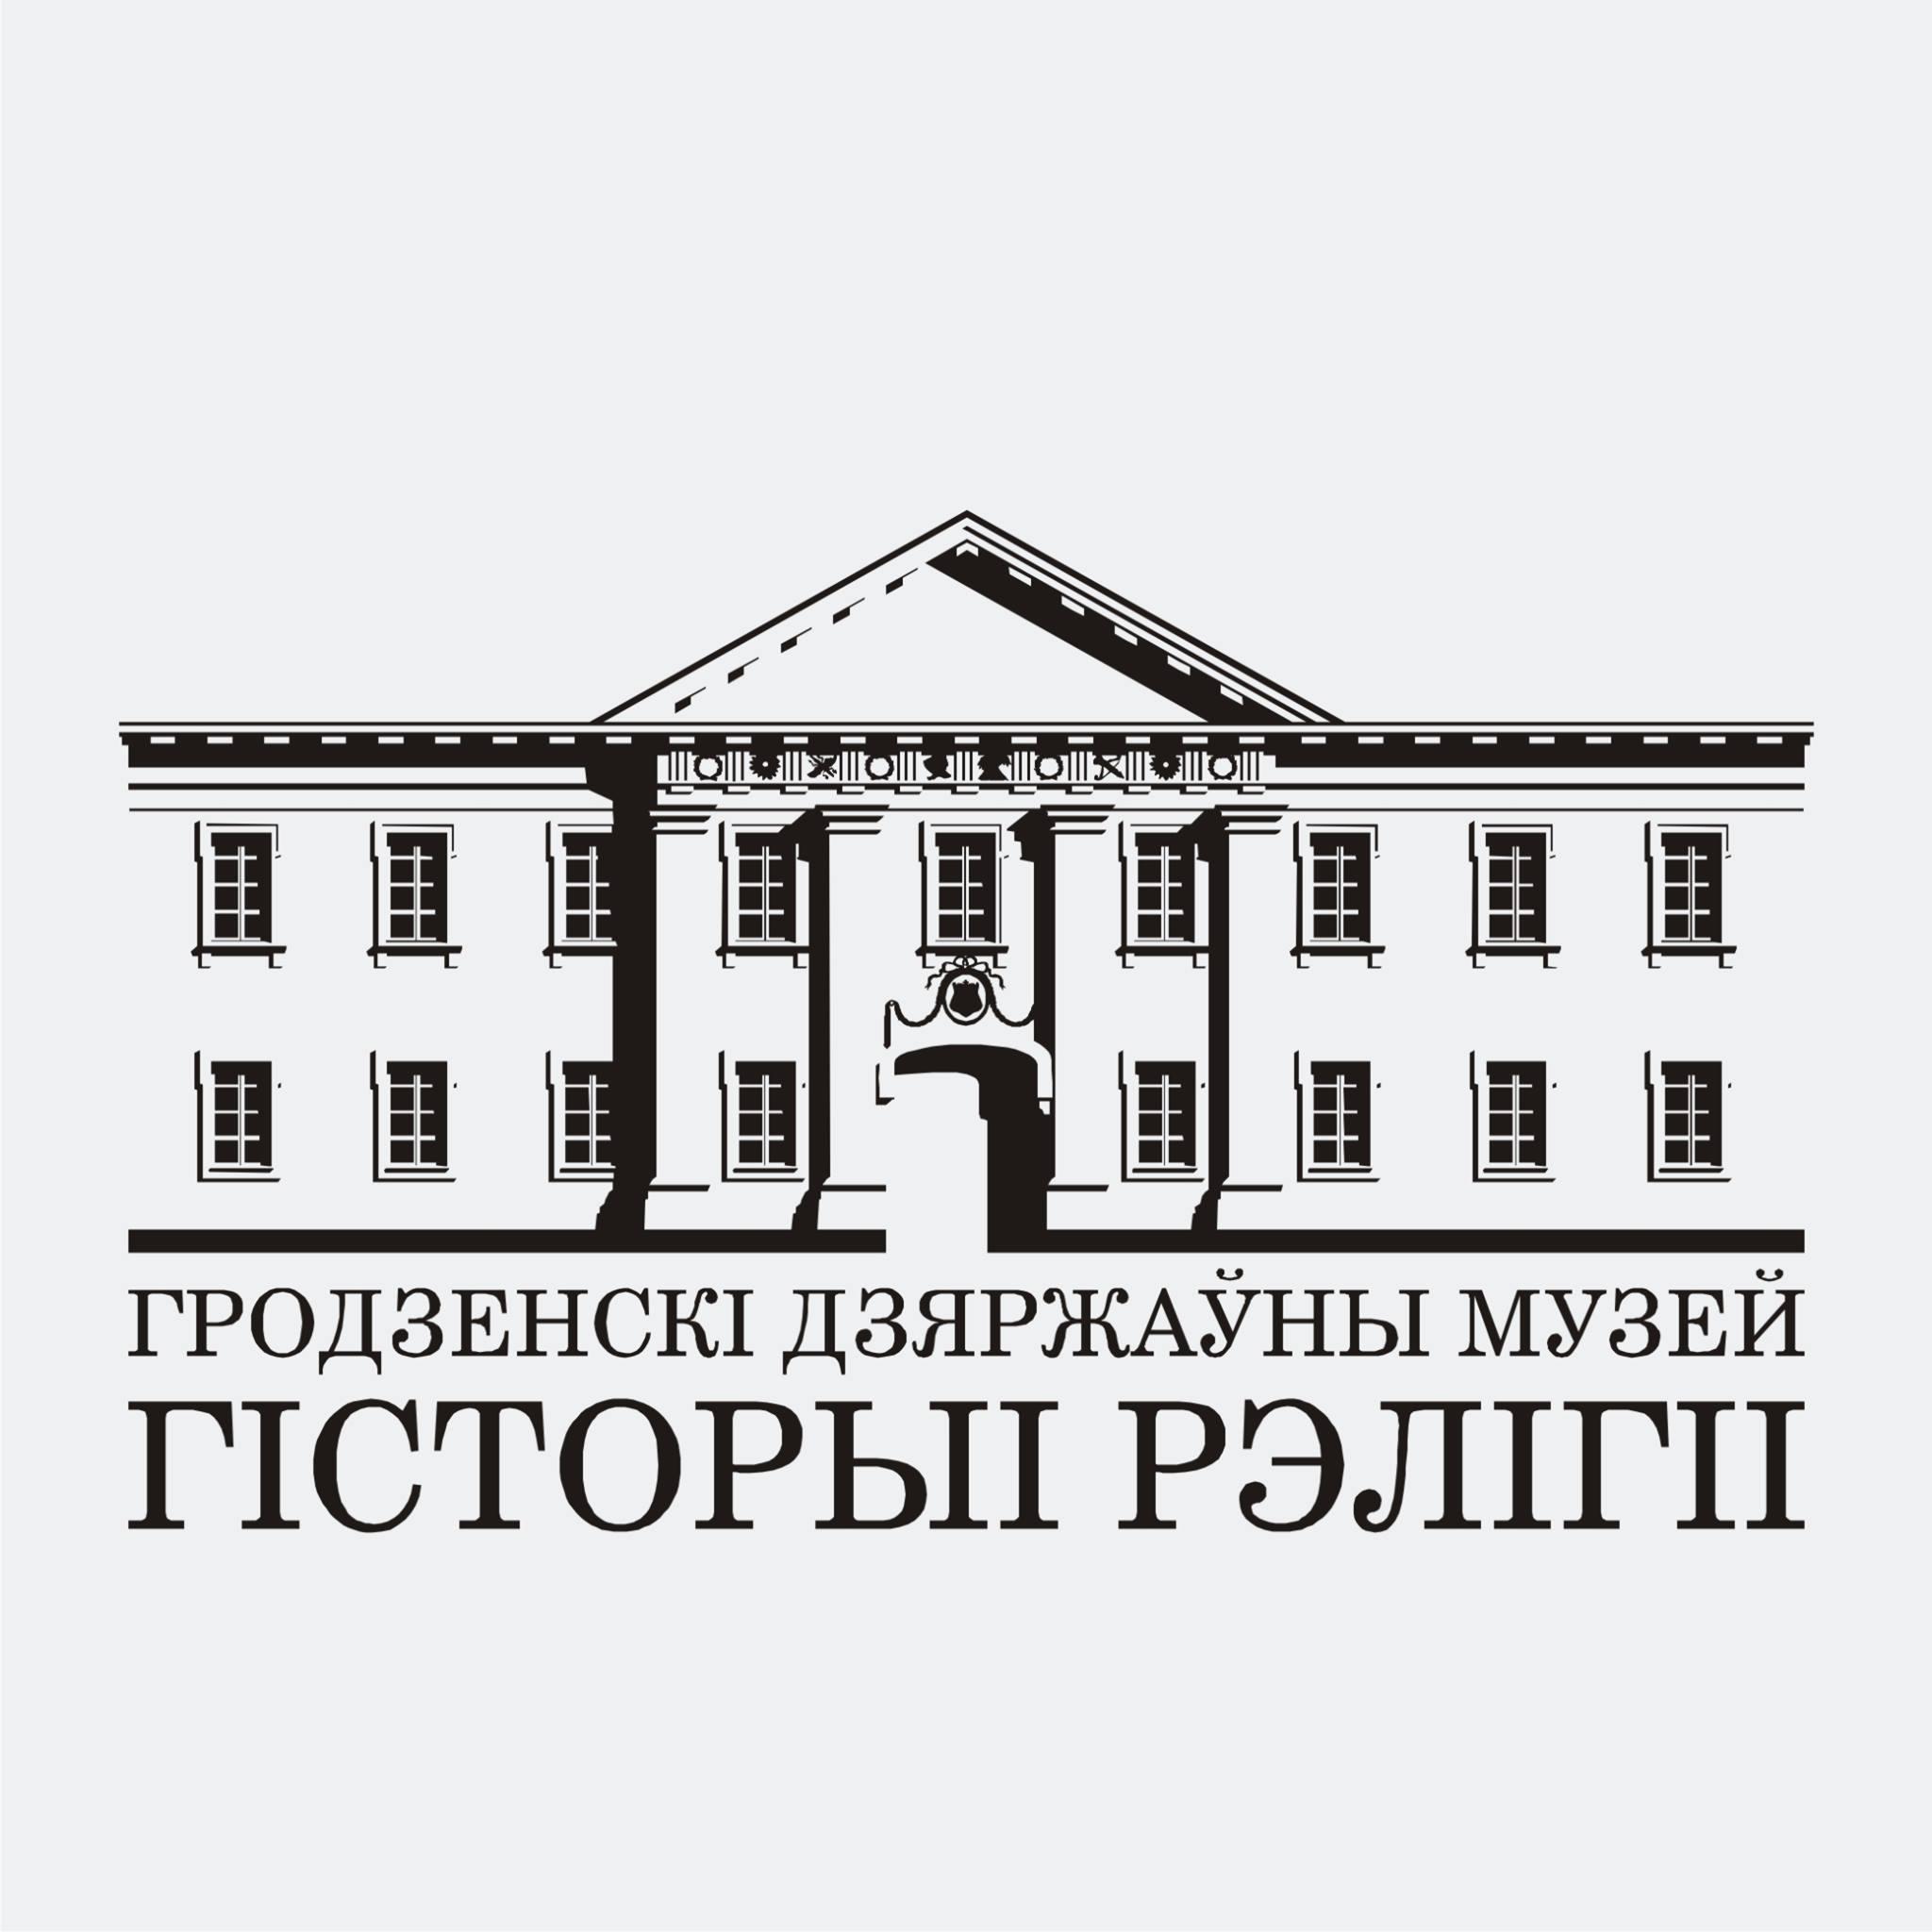 Музей гісторыі рэлігіі